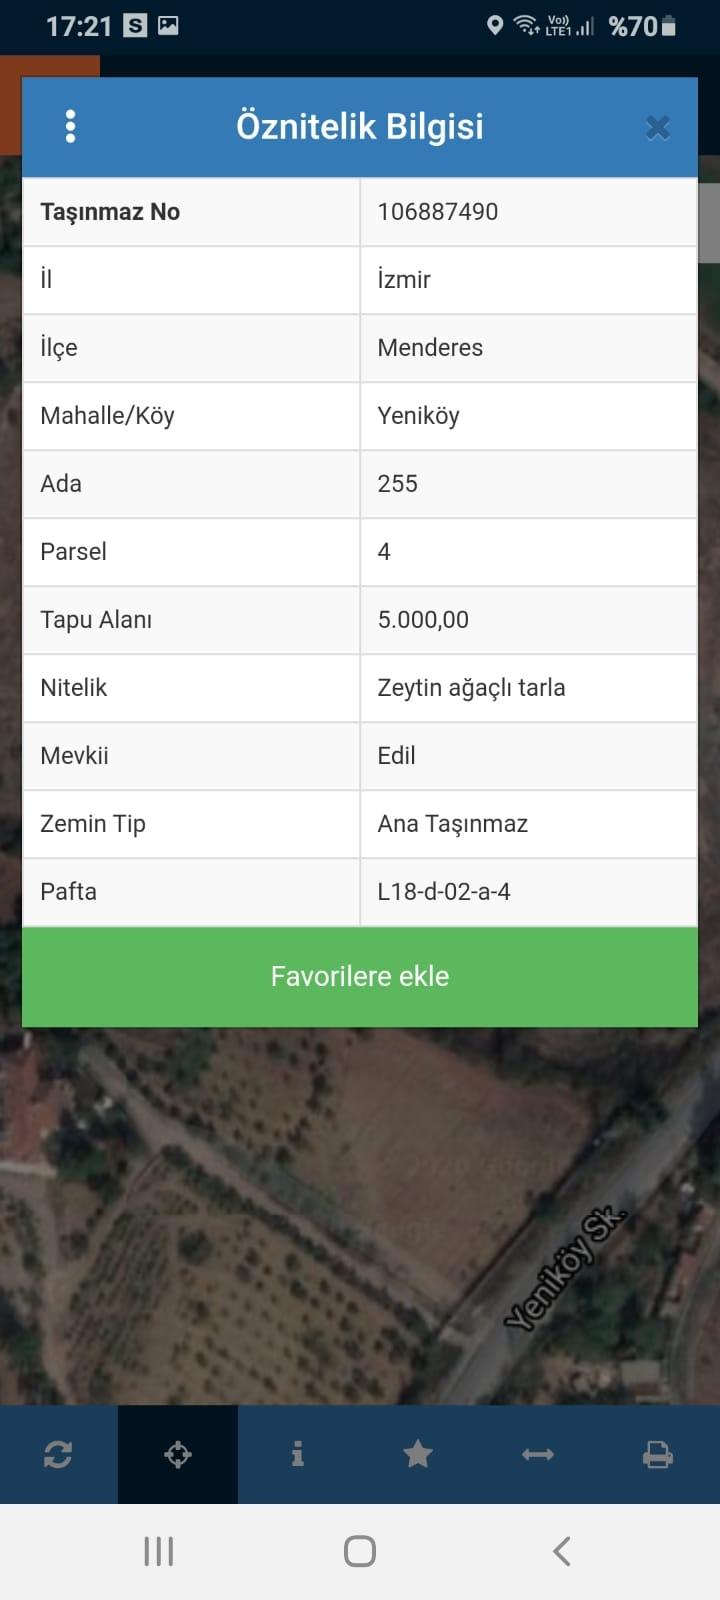 İzmir Menderes Yeniköy